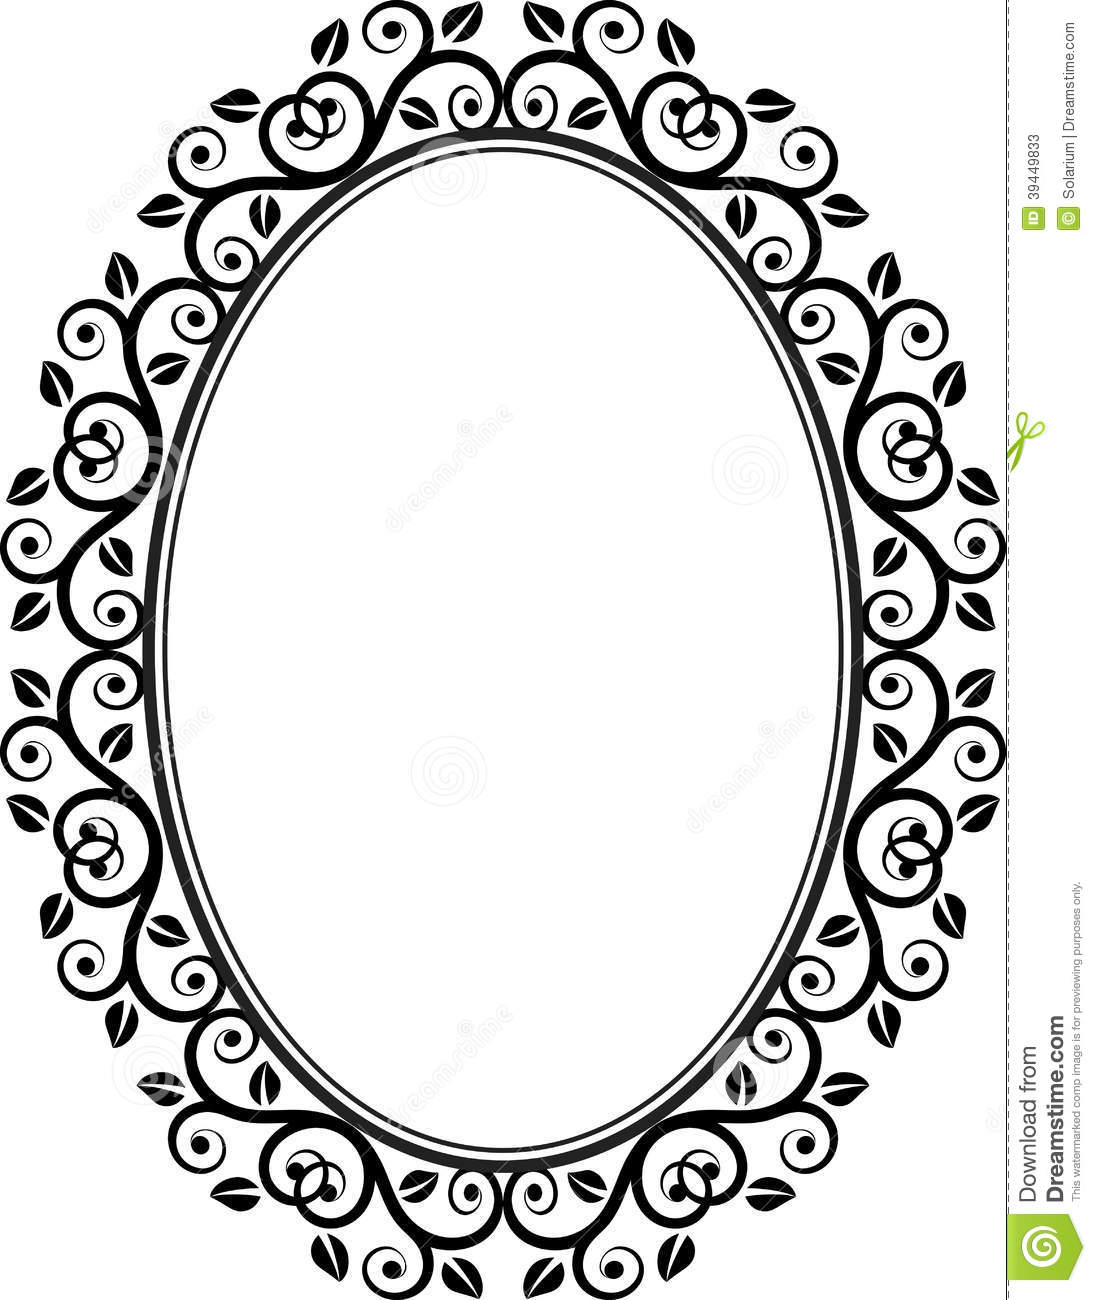 1096x1300 Floral Oval Frame